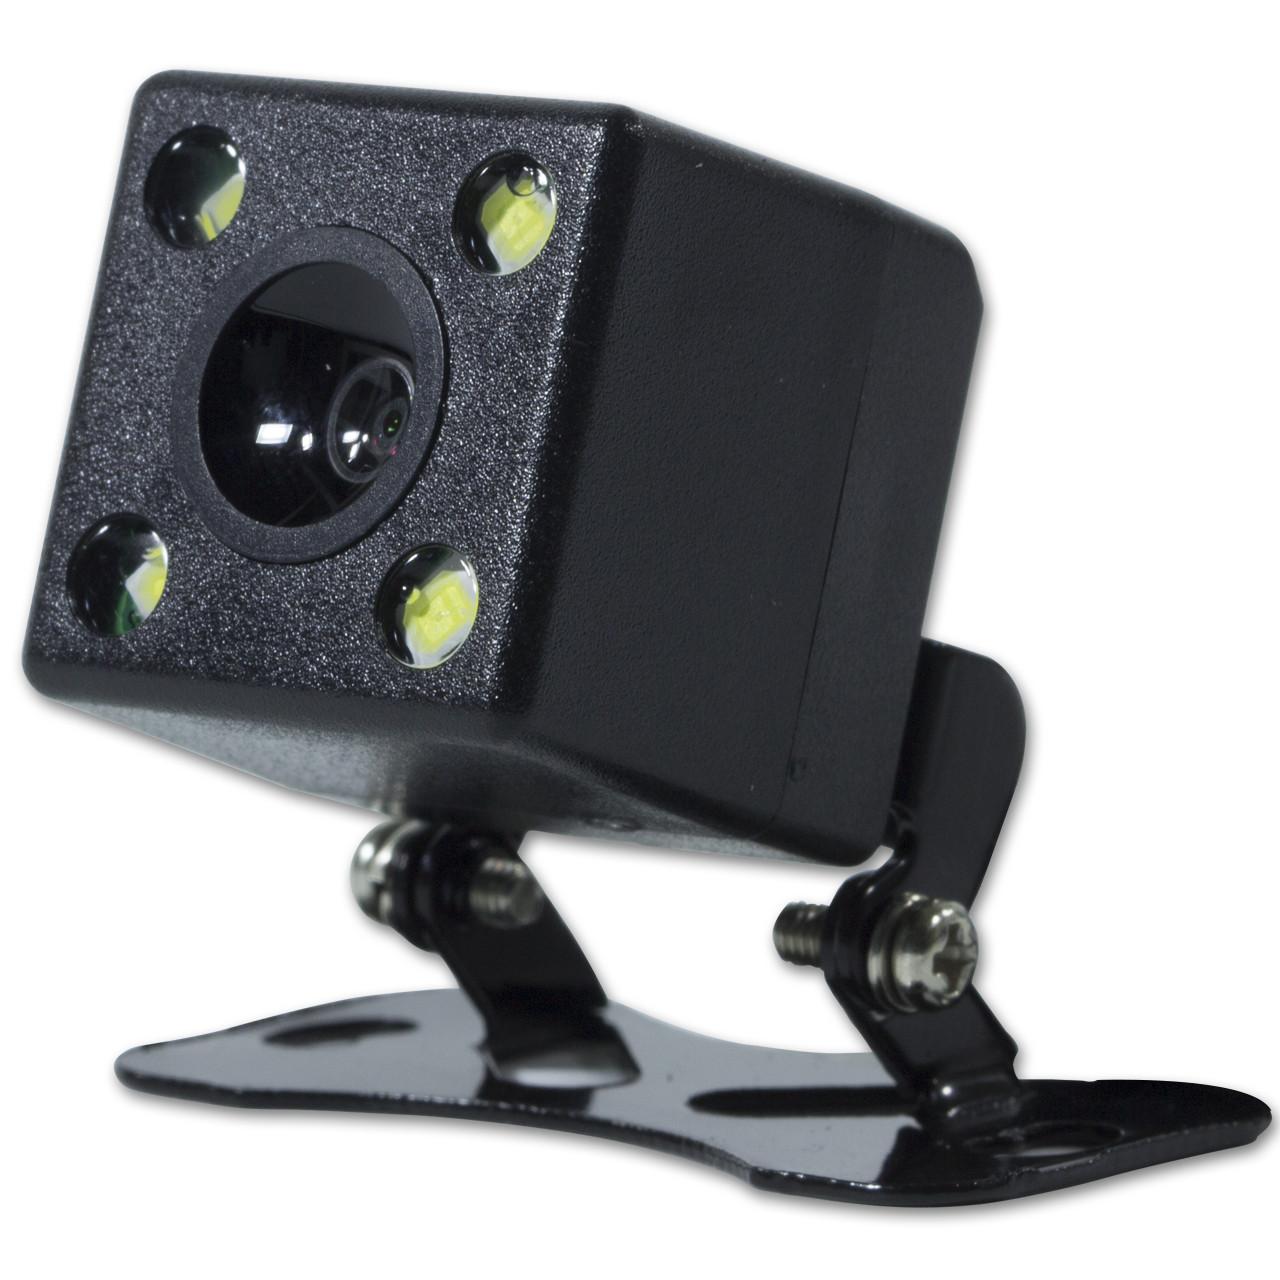 Камера заднего вида 5-ти контактная точная автомобильная компактная надежная универсальная качественная